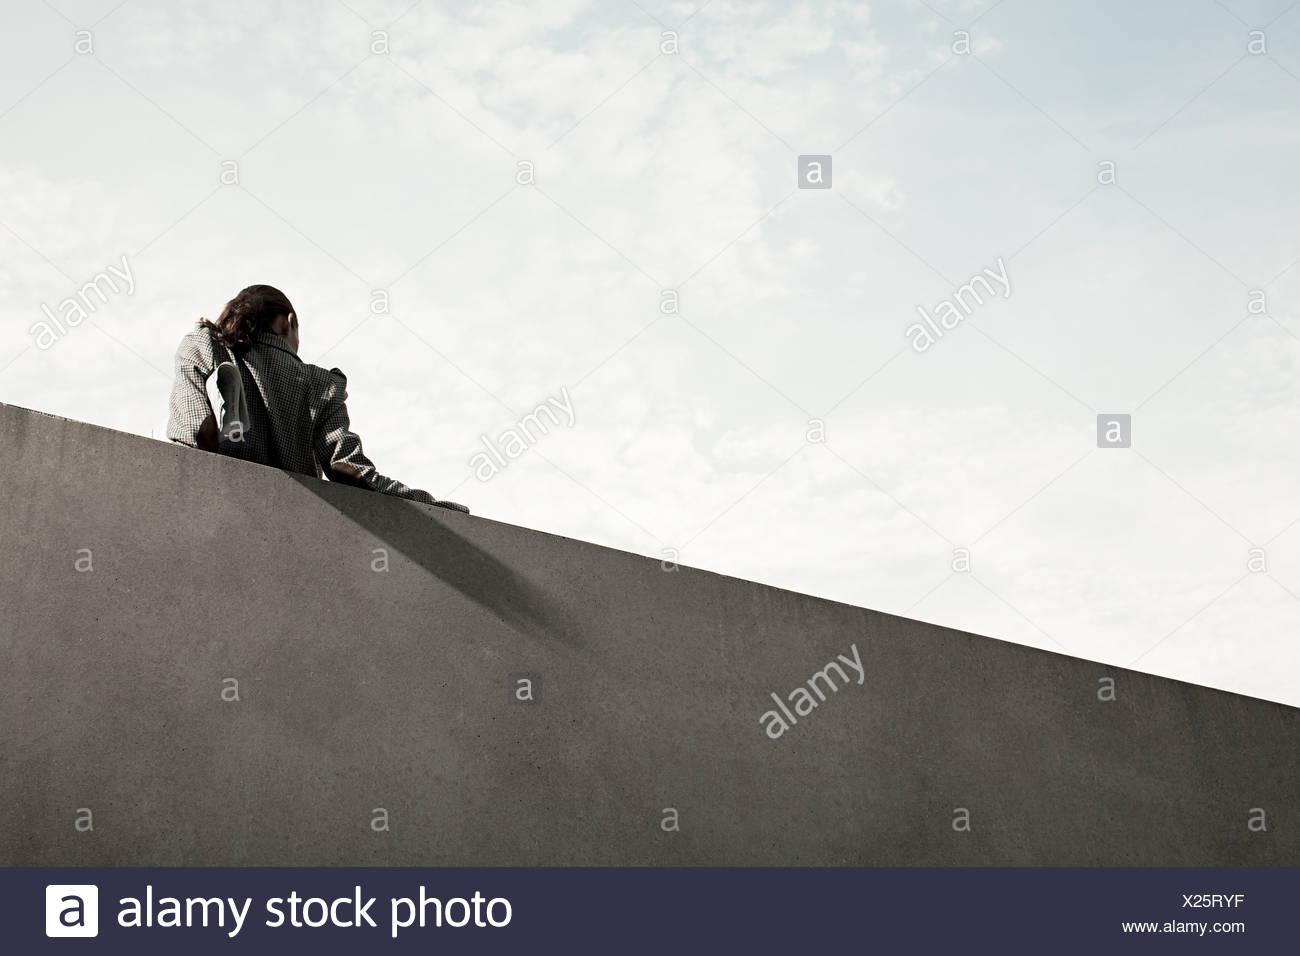 La empresaria por pared, vista trasera, bajo el ángulo Imagen De Stock